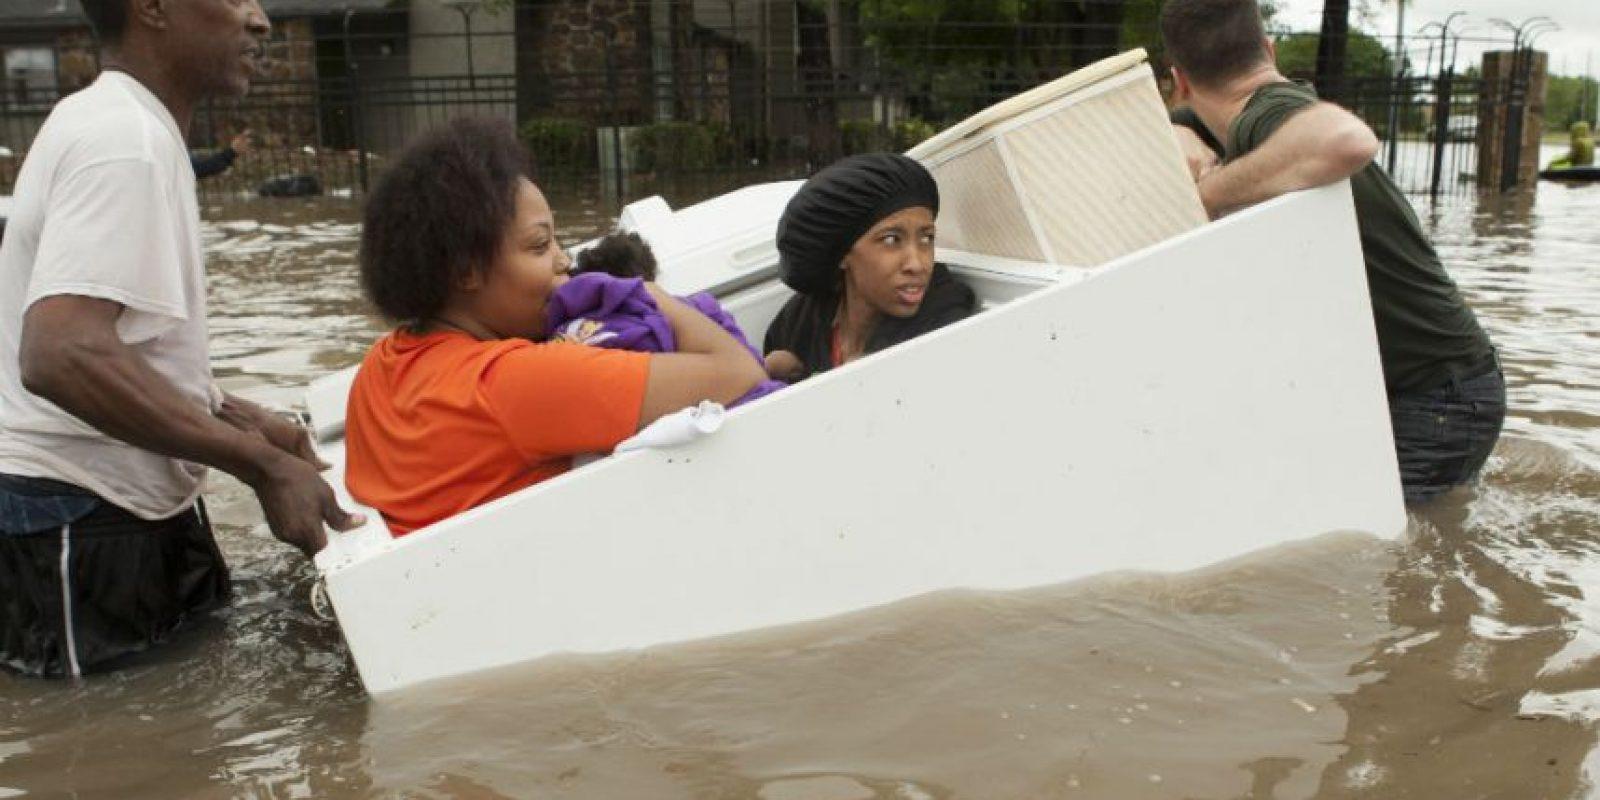 Personas de un complejo de apartamentos se retiran del lugar, algunas arriba de un refrigerador convertido en canoa, en The Woodlands, Texas. Foto:AP